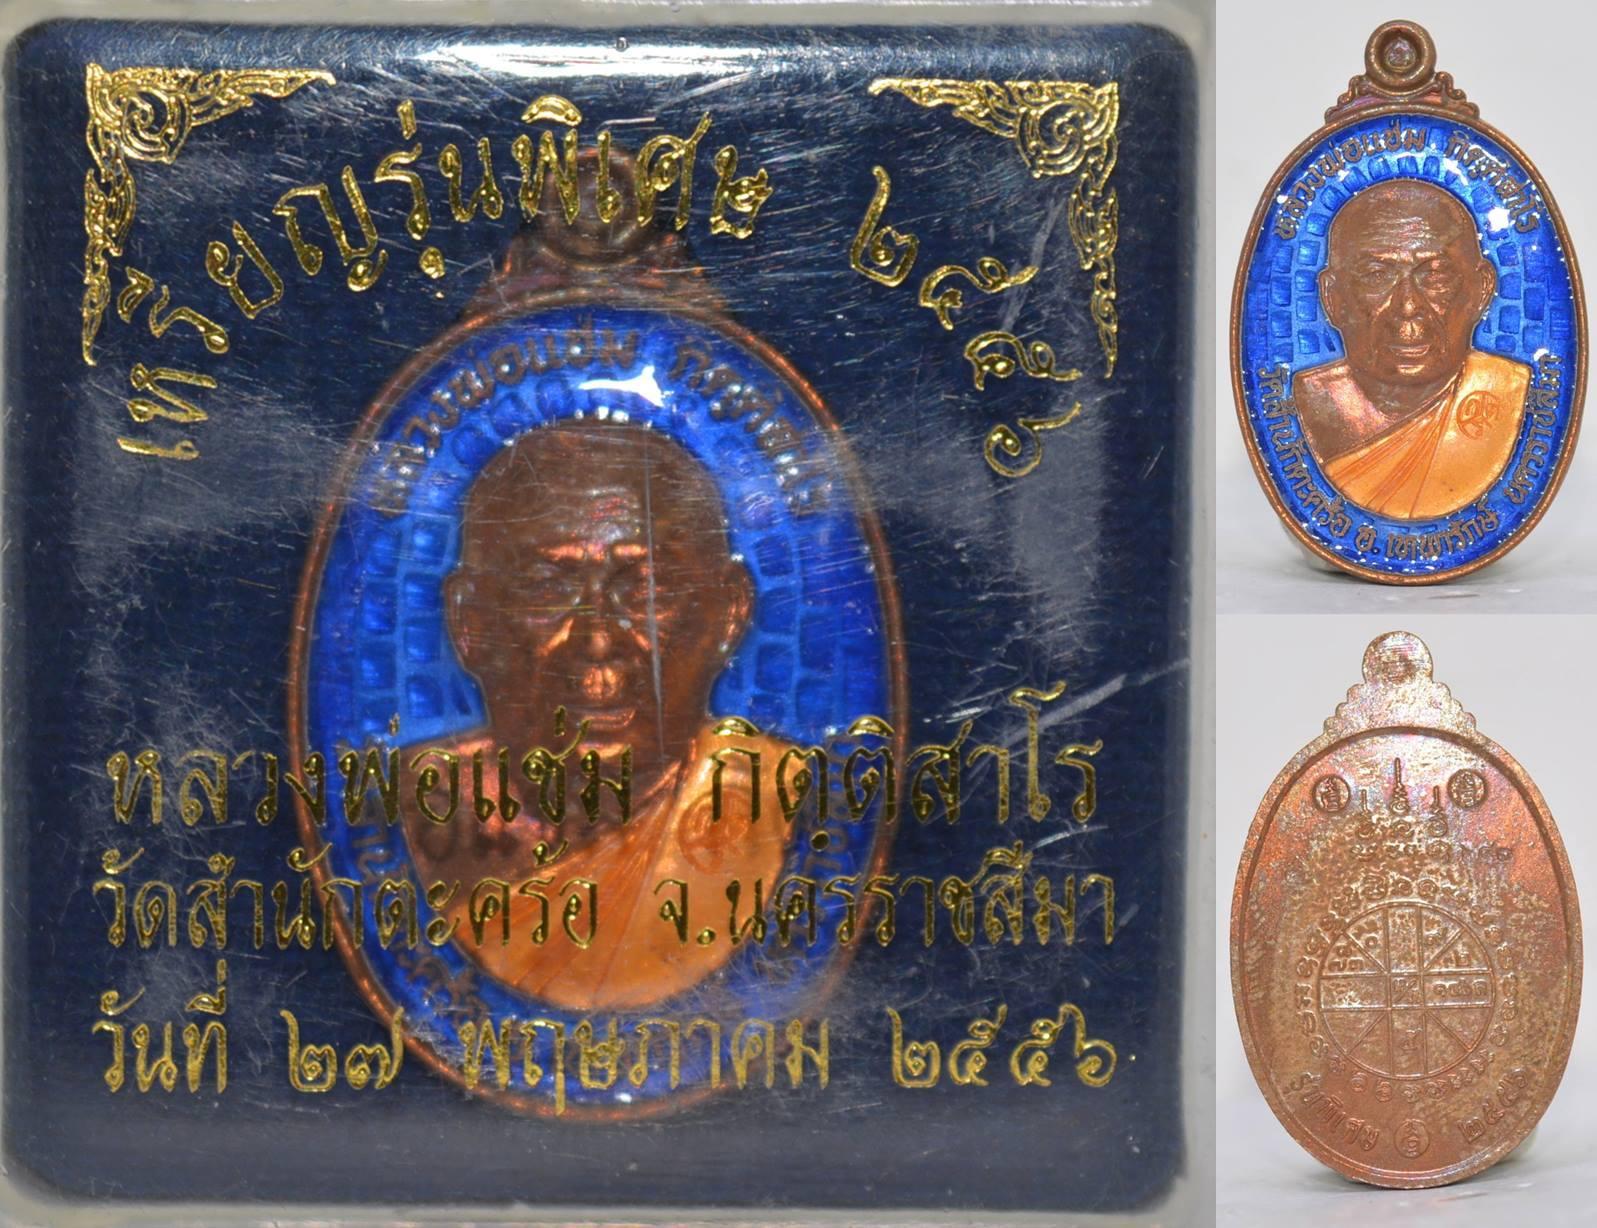 เหรียญรุ่นพิเศษ 2556 หลังยันต์ดวงชาตะ เนื้อทองแดงลงยา หลวงพ่อแช่ม วัดสำนักตะคร้อ